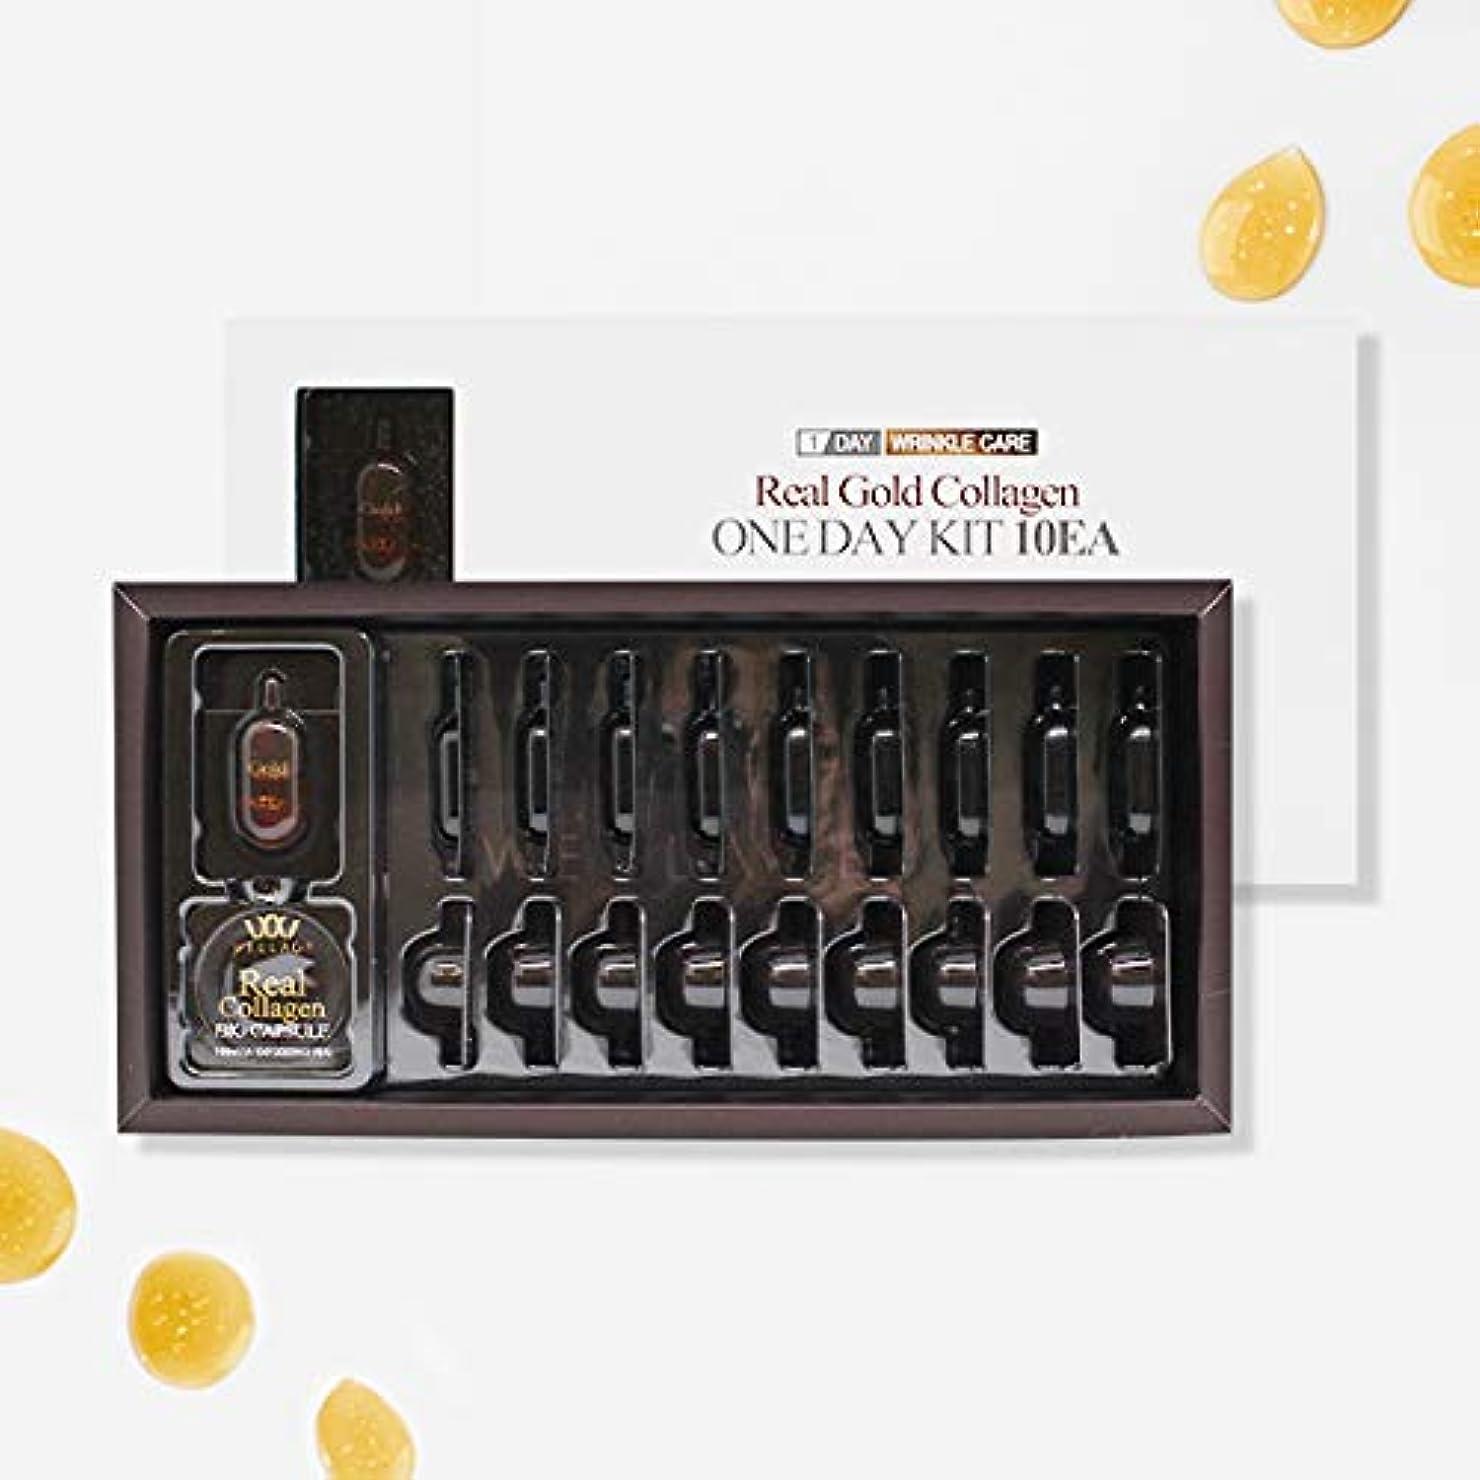 率直なハンサムブロンズWELLAGE(ウェラージュ) リアルゴールドワンデーキットバイオカプセル 10EA (しわケア)/ Real Gold One Day Kit Bio Capsule